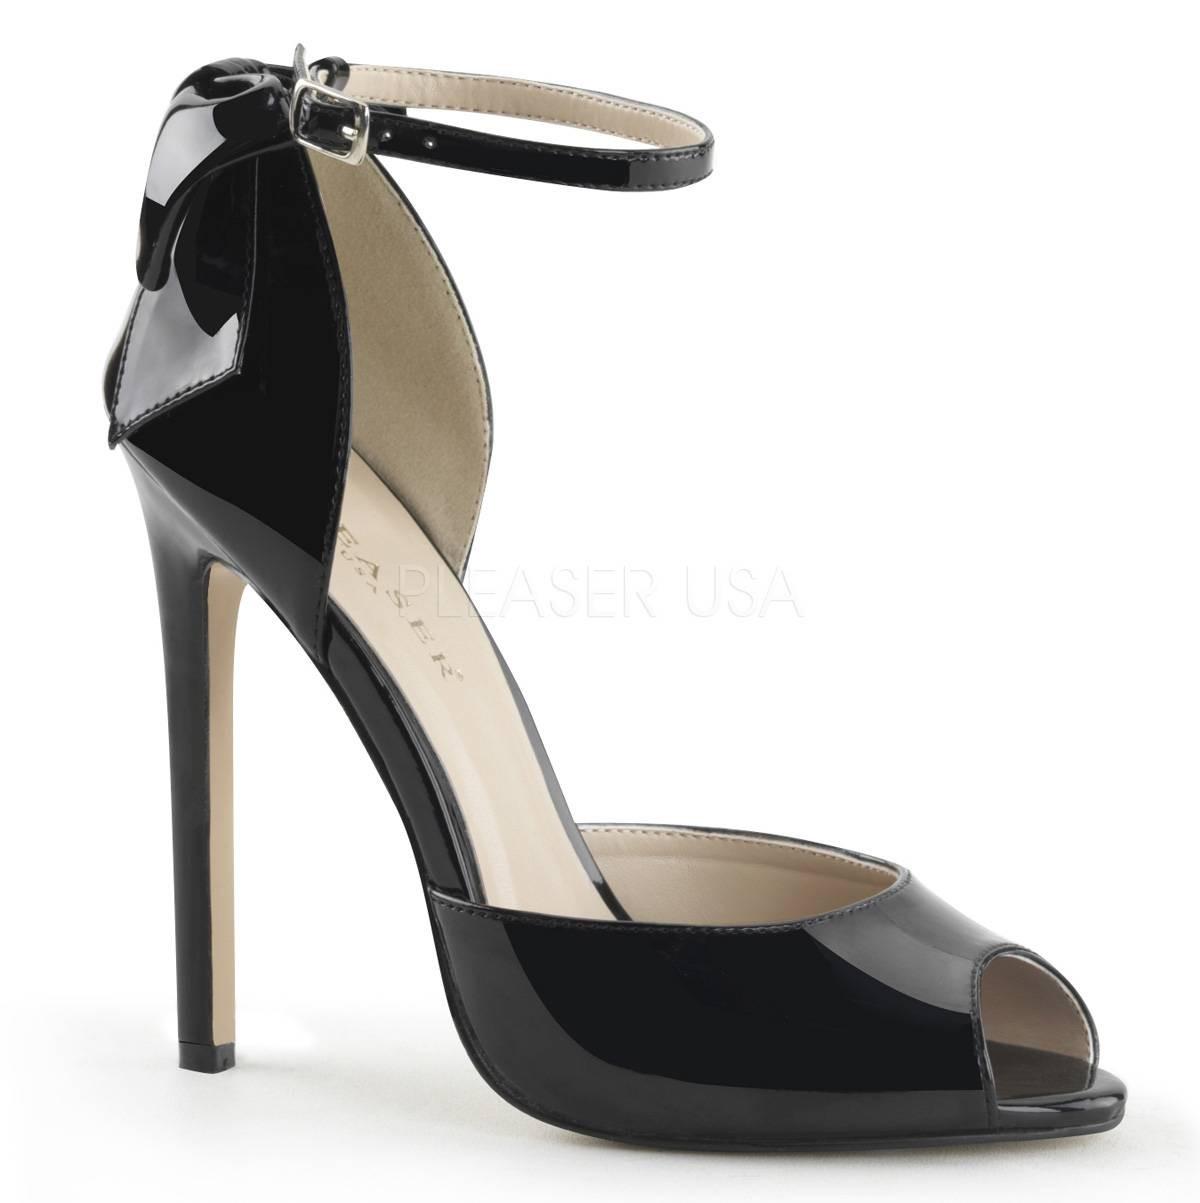 Highheels für Frauen - SEXY 16 ° Damen Peep Toe Sandalette ° Schwarz Glänzend ° Pleaser  - Onlineshop RedSixty